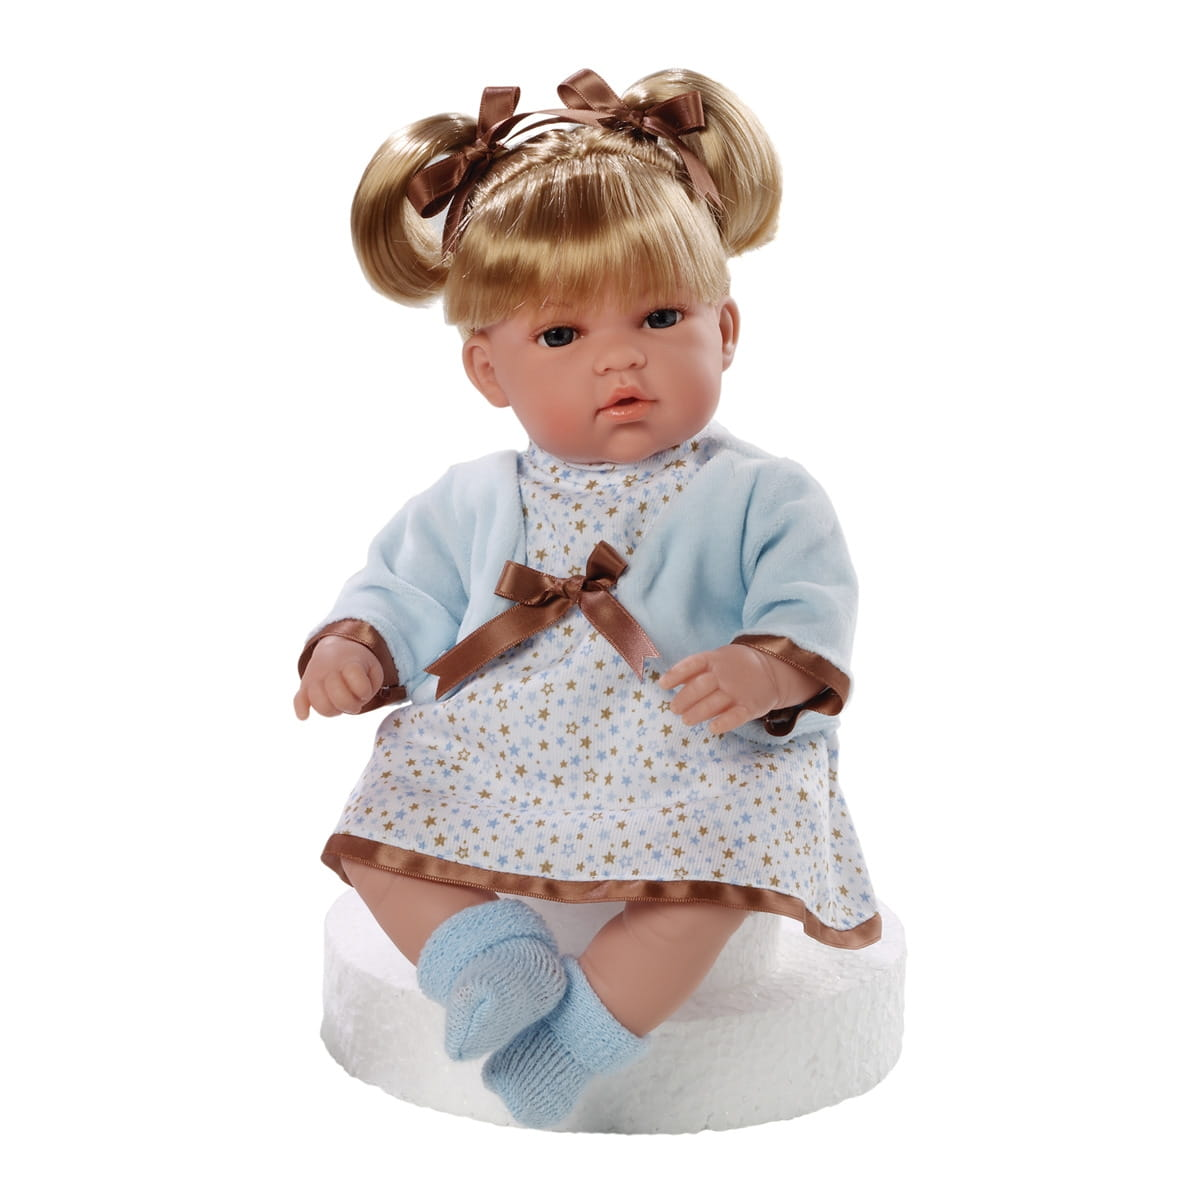 Пупс Arias Т59802 Блондинка в платье со звездами - 33 см